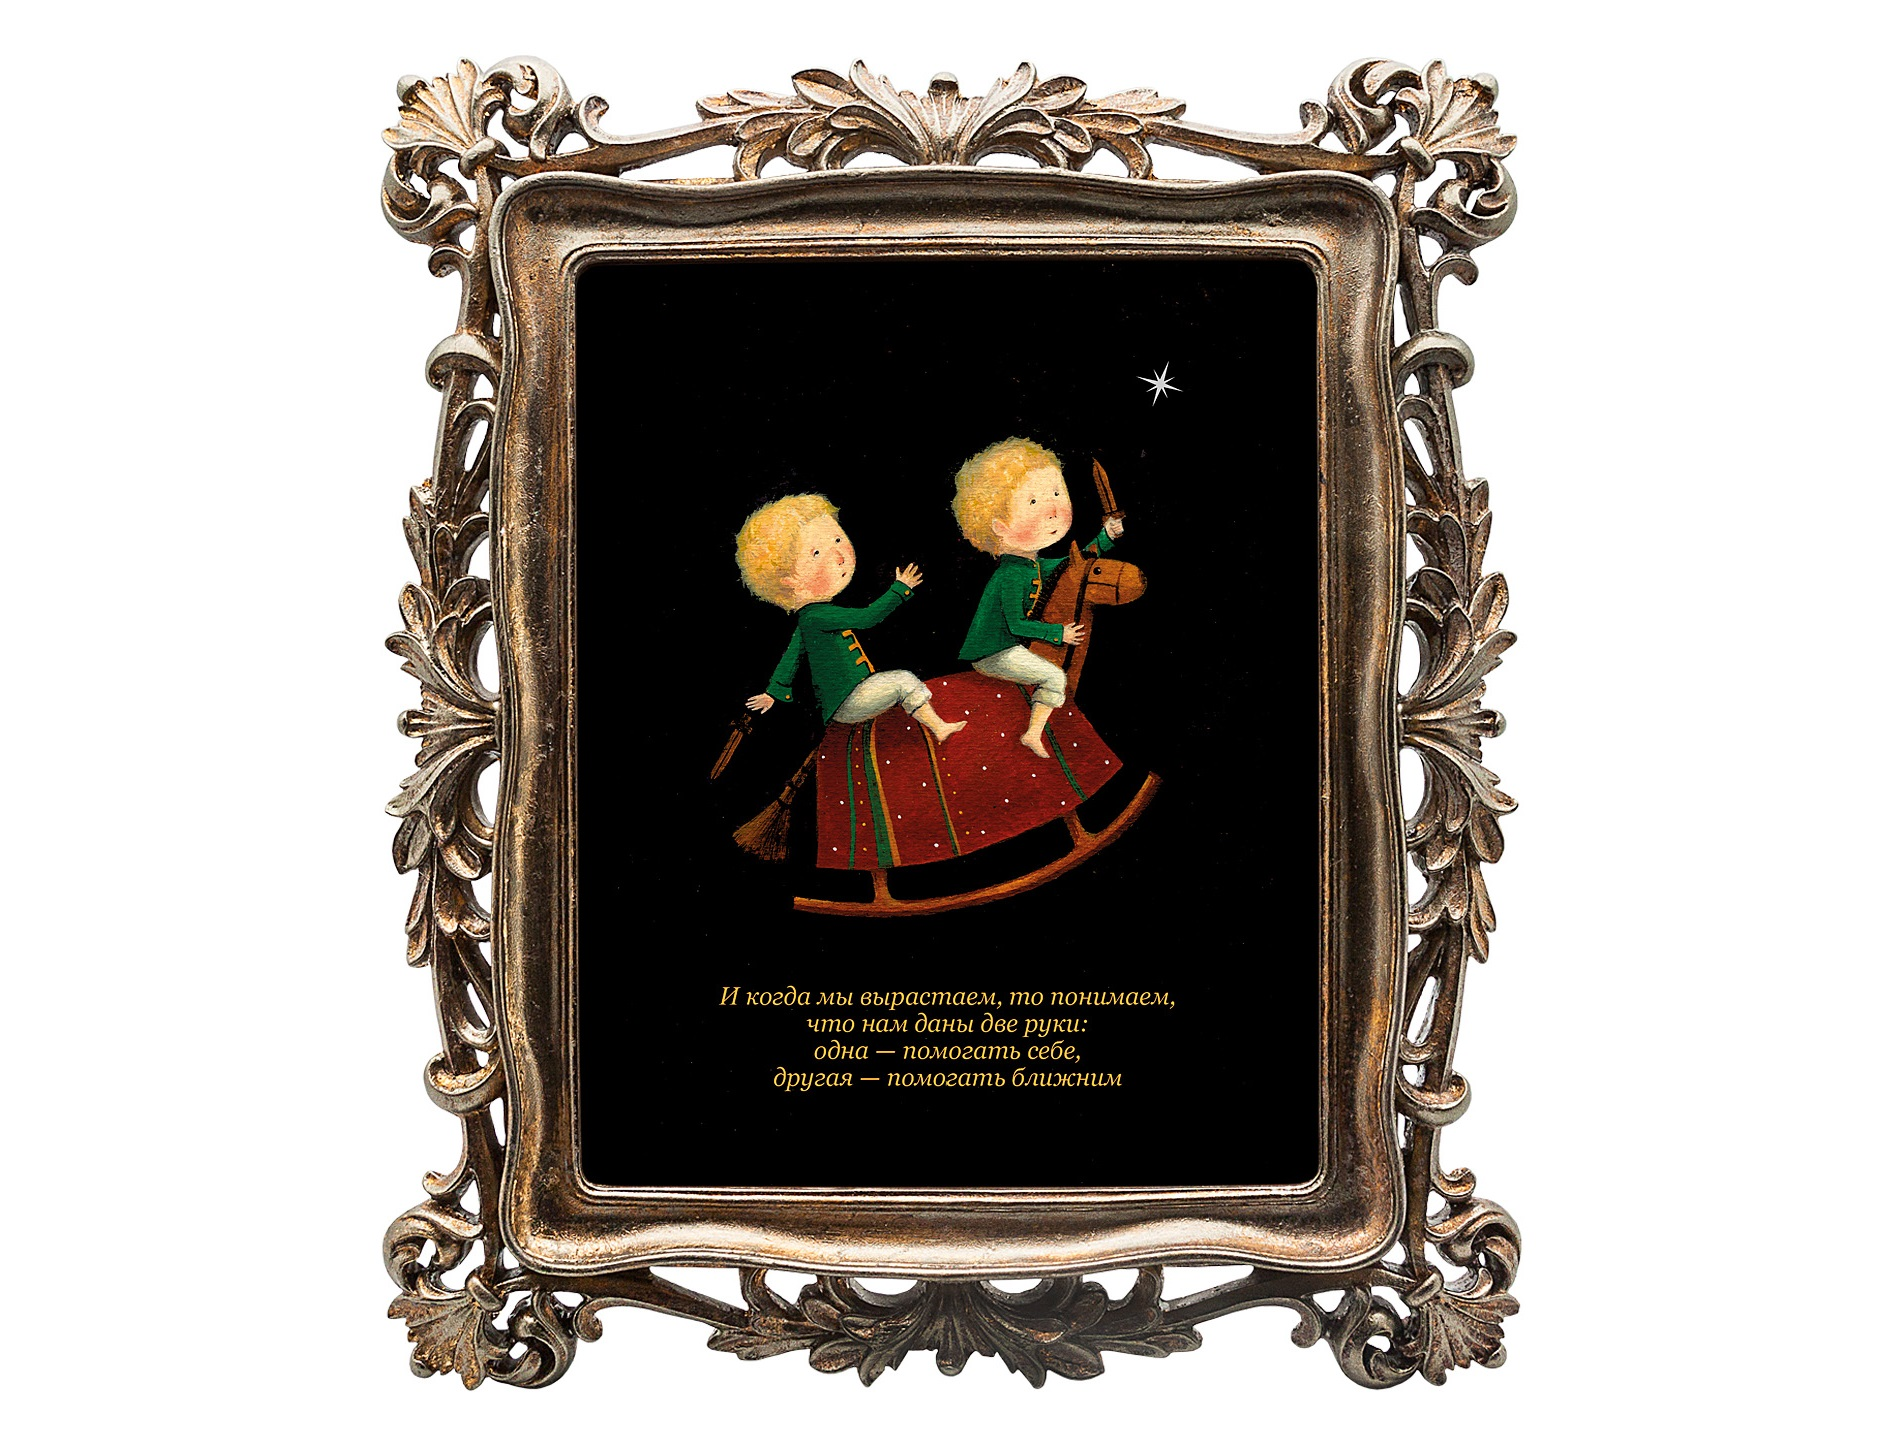 Картина 12 рецептов счастья (Близнецы)Картины<br>Картина из коллекции «12 рецептов счастья» «И когда мы вырастаем, то понимаем, что нам даны две руки: одна — помогать себе, другая — помогать ближним» олицетворяет собой знак зодиака Близнецы, преподнося нам уникальное пожелание.  Картину можно повесить на стену, либо поставить, например, на стол или камин. Защитный стеклянный слой  гарантирует долгую жизнь прекрасному изображению. Рама изготовлена из полистоуна. Искусная техника состаривания придает раме особую теплоту и винтажность.<br><br>&amp;lt;div&amp;gt;&amp;lt;br&amp;gt;&amp;lt;/div&amp;gt;&amp;lt;div&amp;gt;Материал: полистоун, стекло, дизайнерская бумага.&amp;lt;br&amp;gt;&amp;lt;/div&amp;gt;<br><br>Material: Полистоун<br>Ширина см: 29.7<br>Высота см: 34.7<br>Глубина см: 2.2